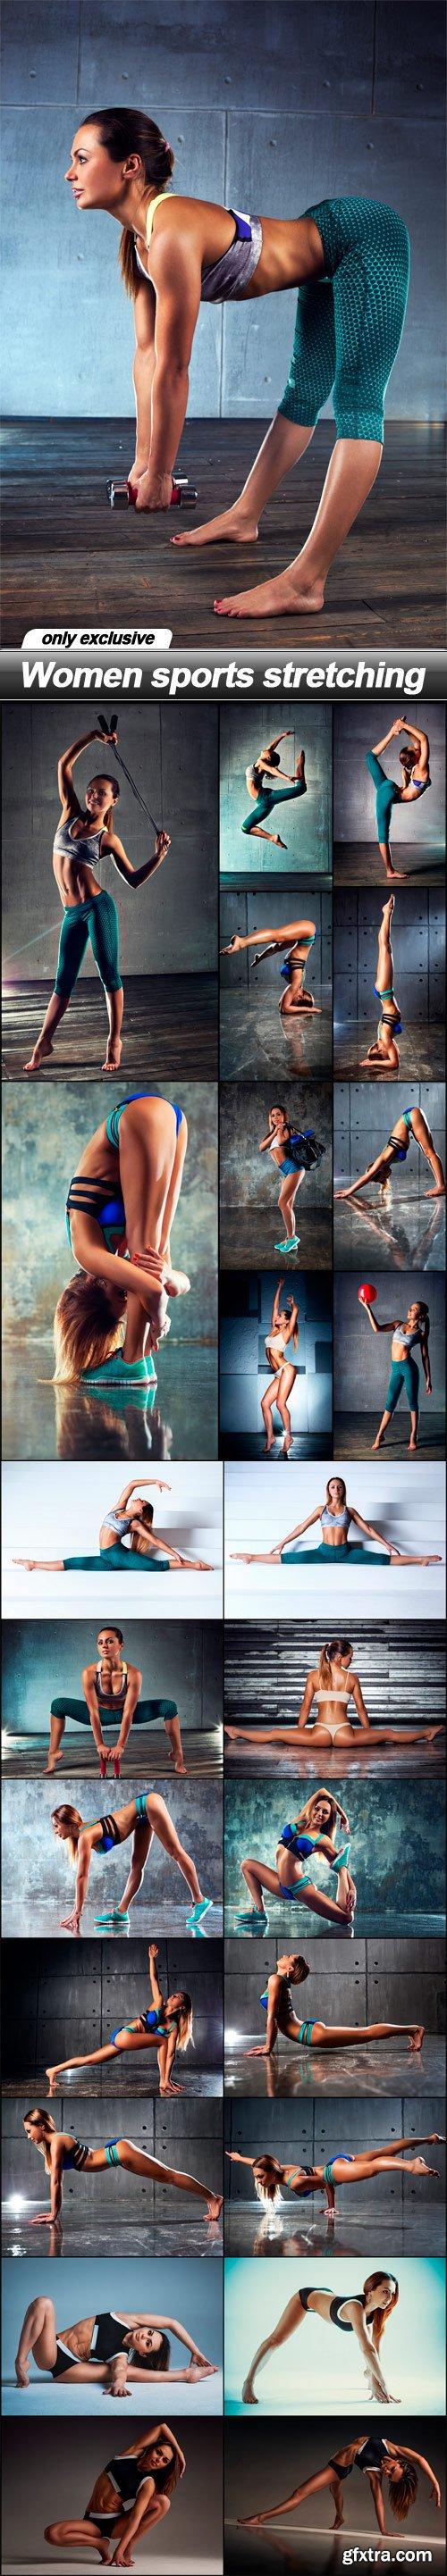 Women sports stretching - 25 UHQ JPEG